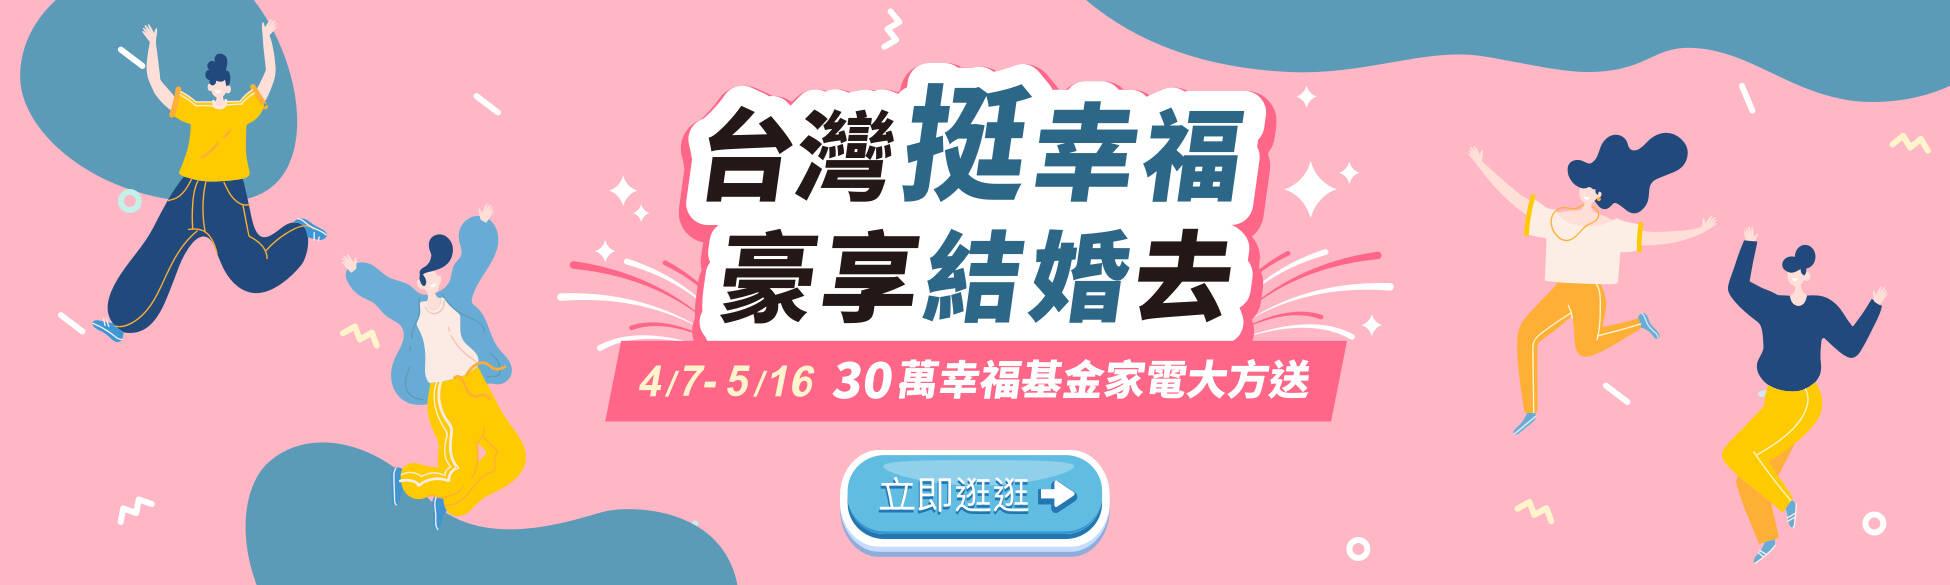 台灣挺幸福,豪享結婚去